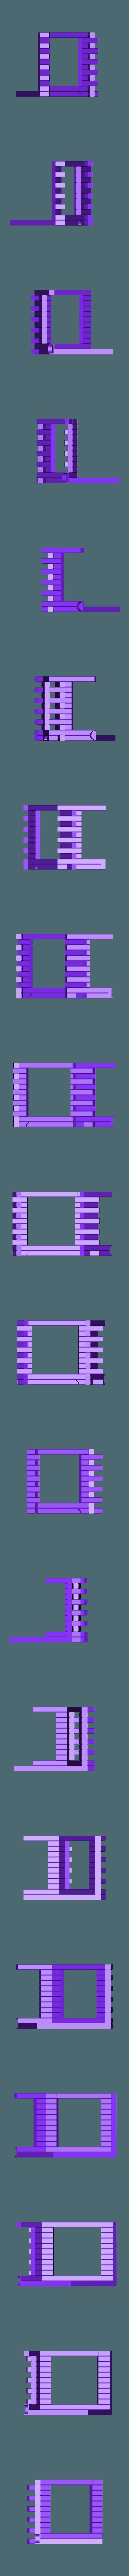 walls_part_4.stl Télécharger fichier STL gratuit Maison des oiseaux • Modèle pour imprimante 3D, poblocki1982